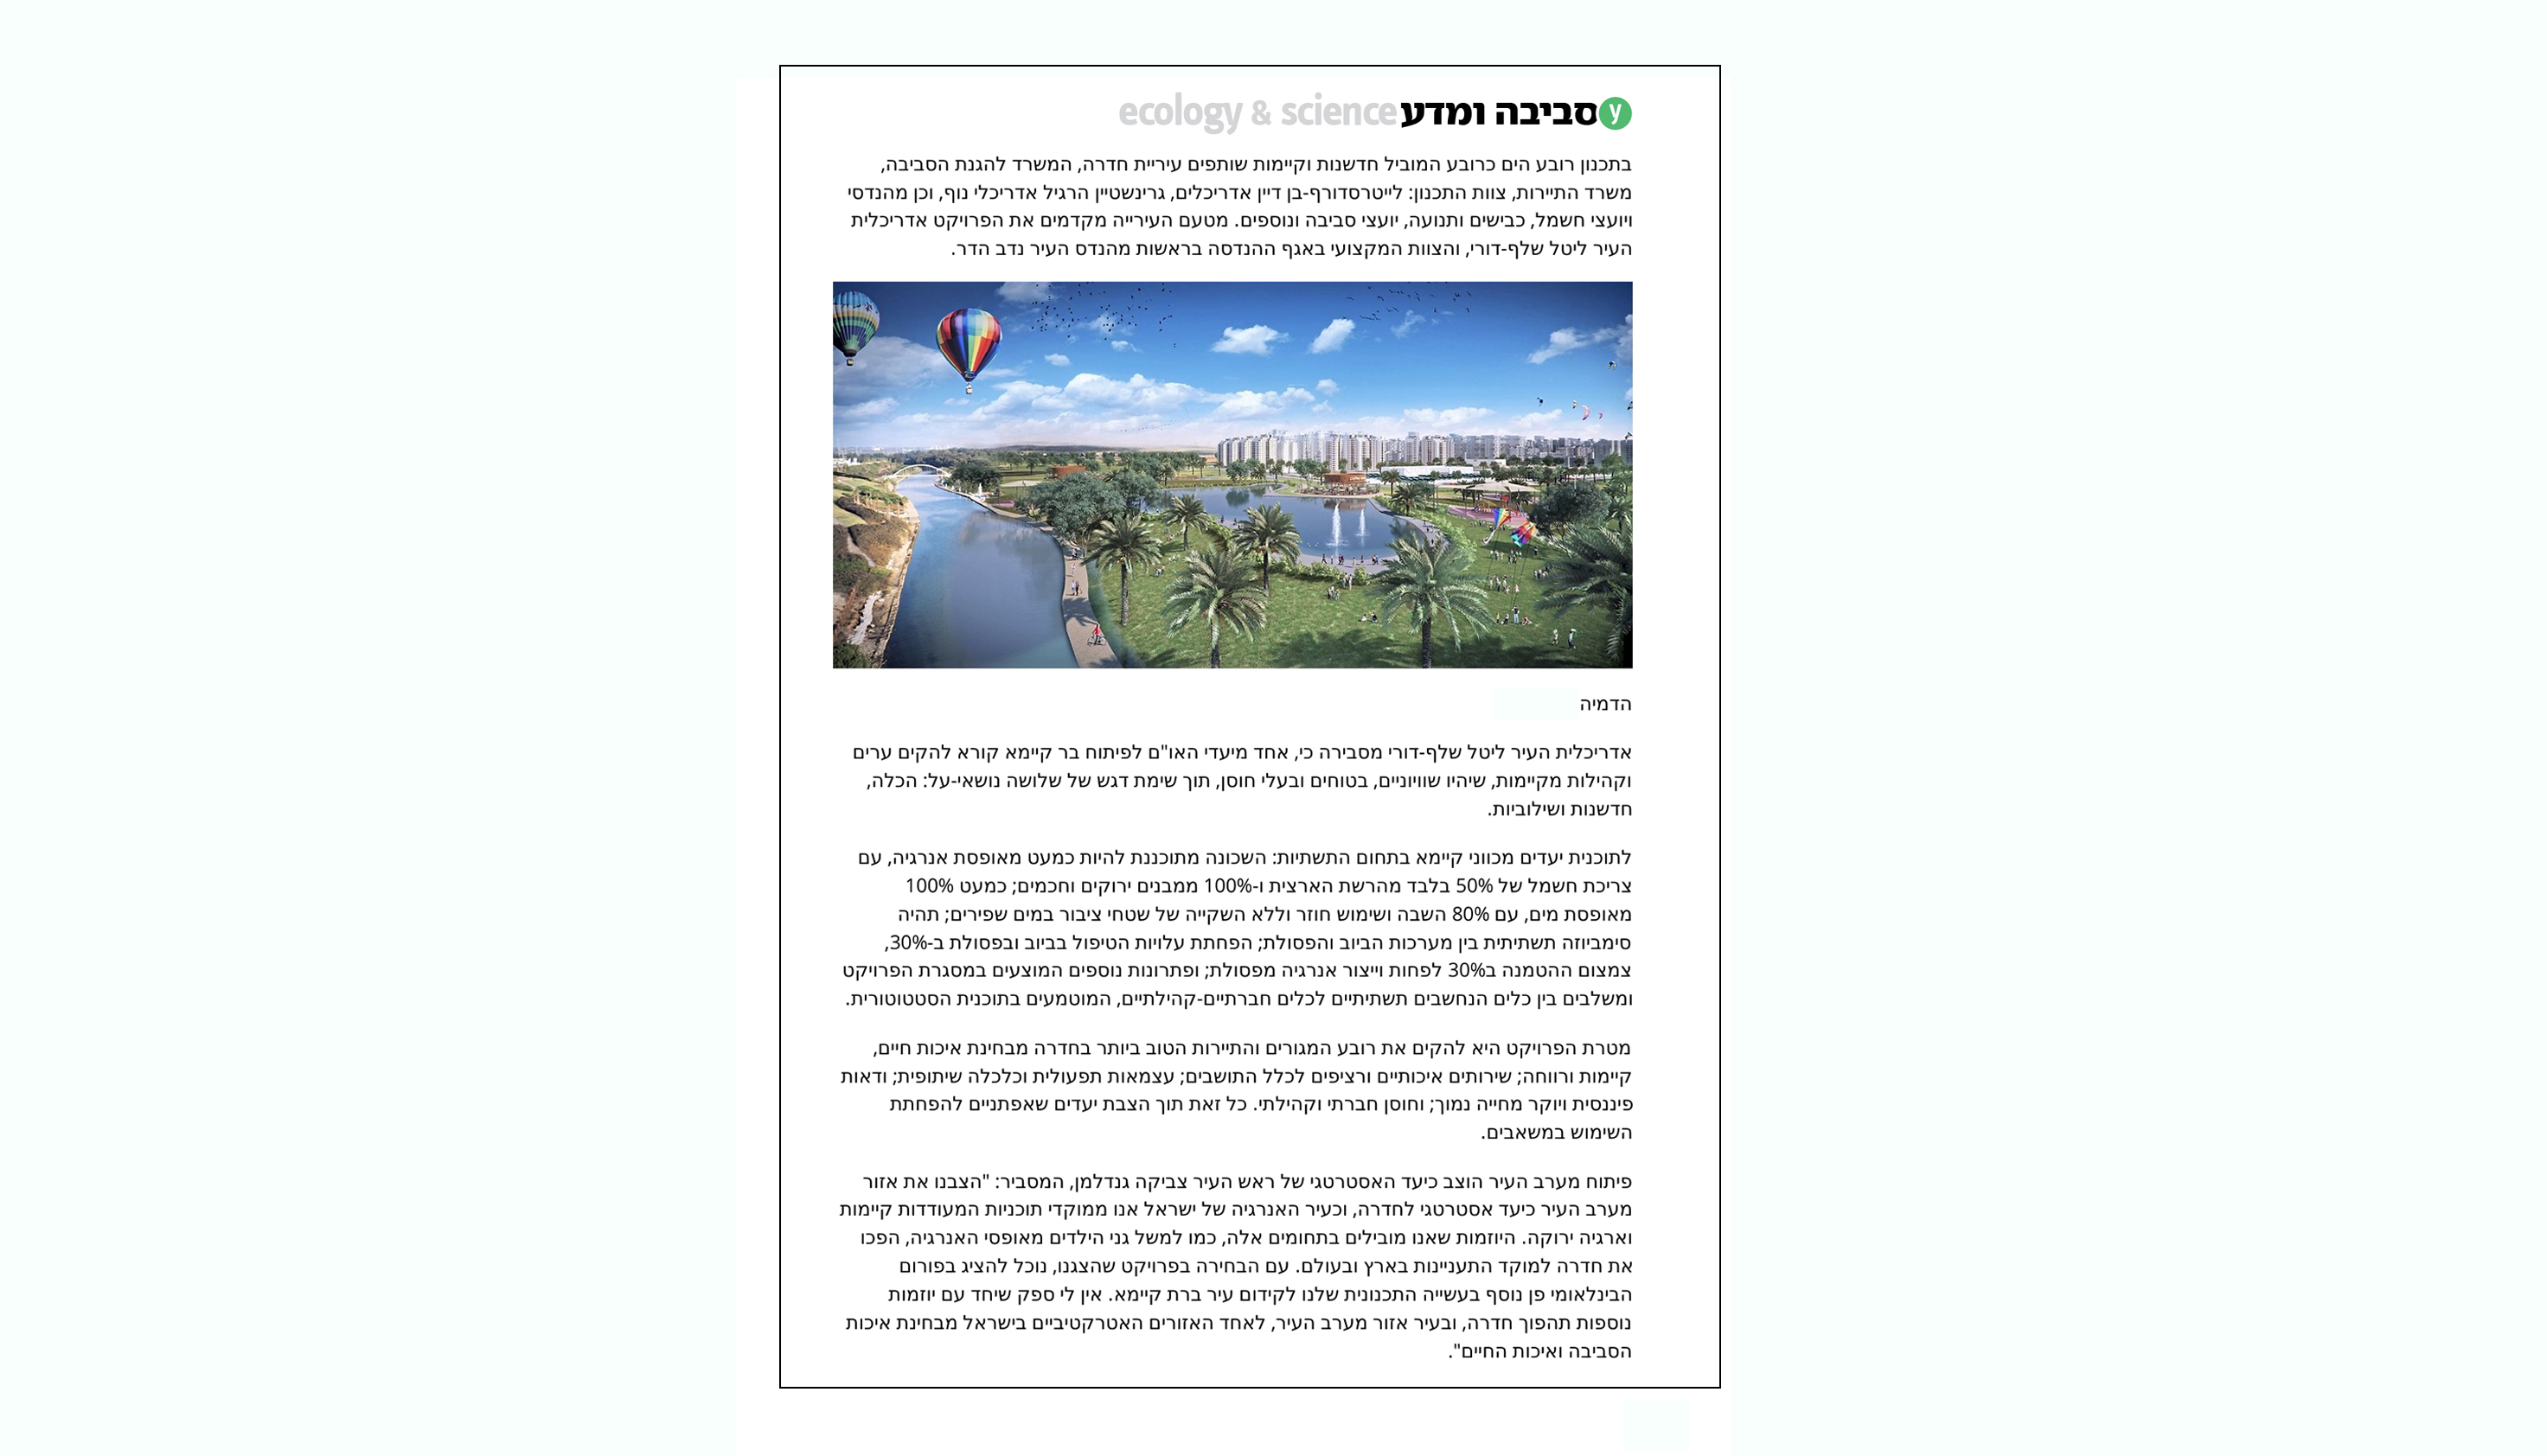 ynet.co.il-חדרה תציג בכנס ערים חכמות באיחוד האמירויות2-edited